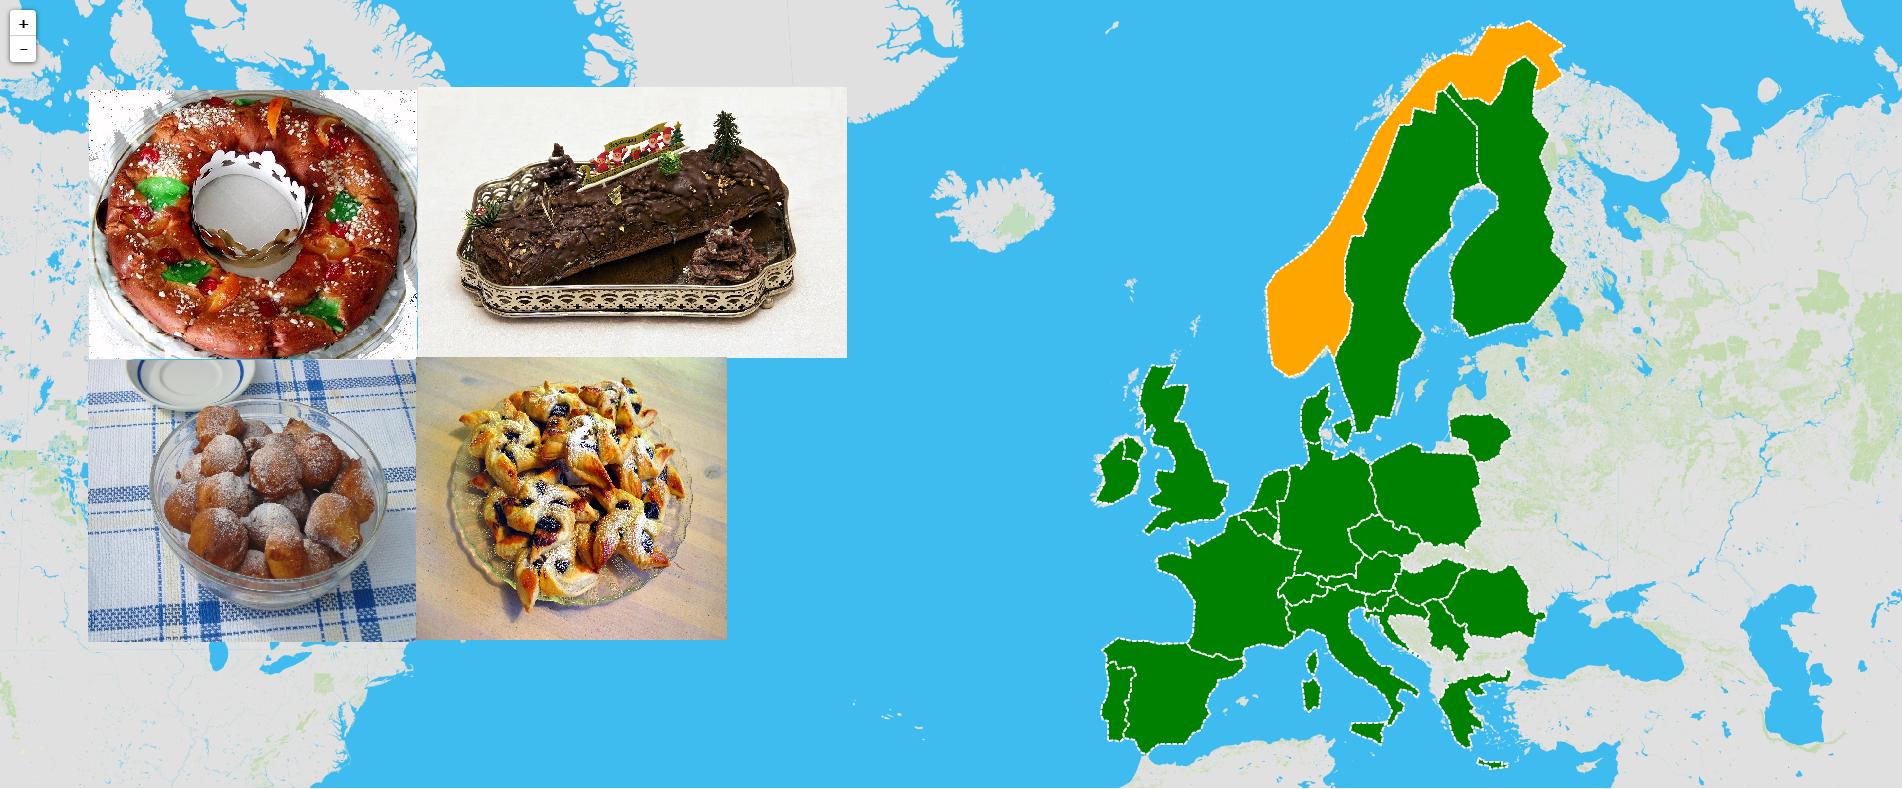 Sobremesas de Natal da Europa